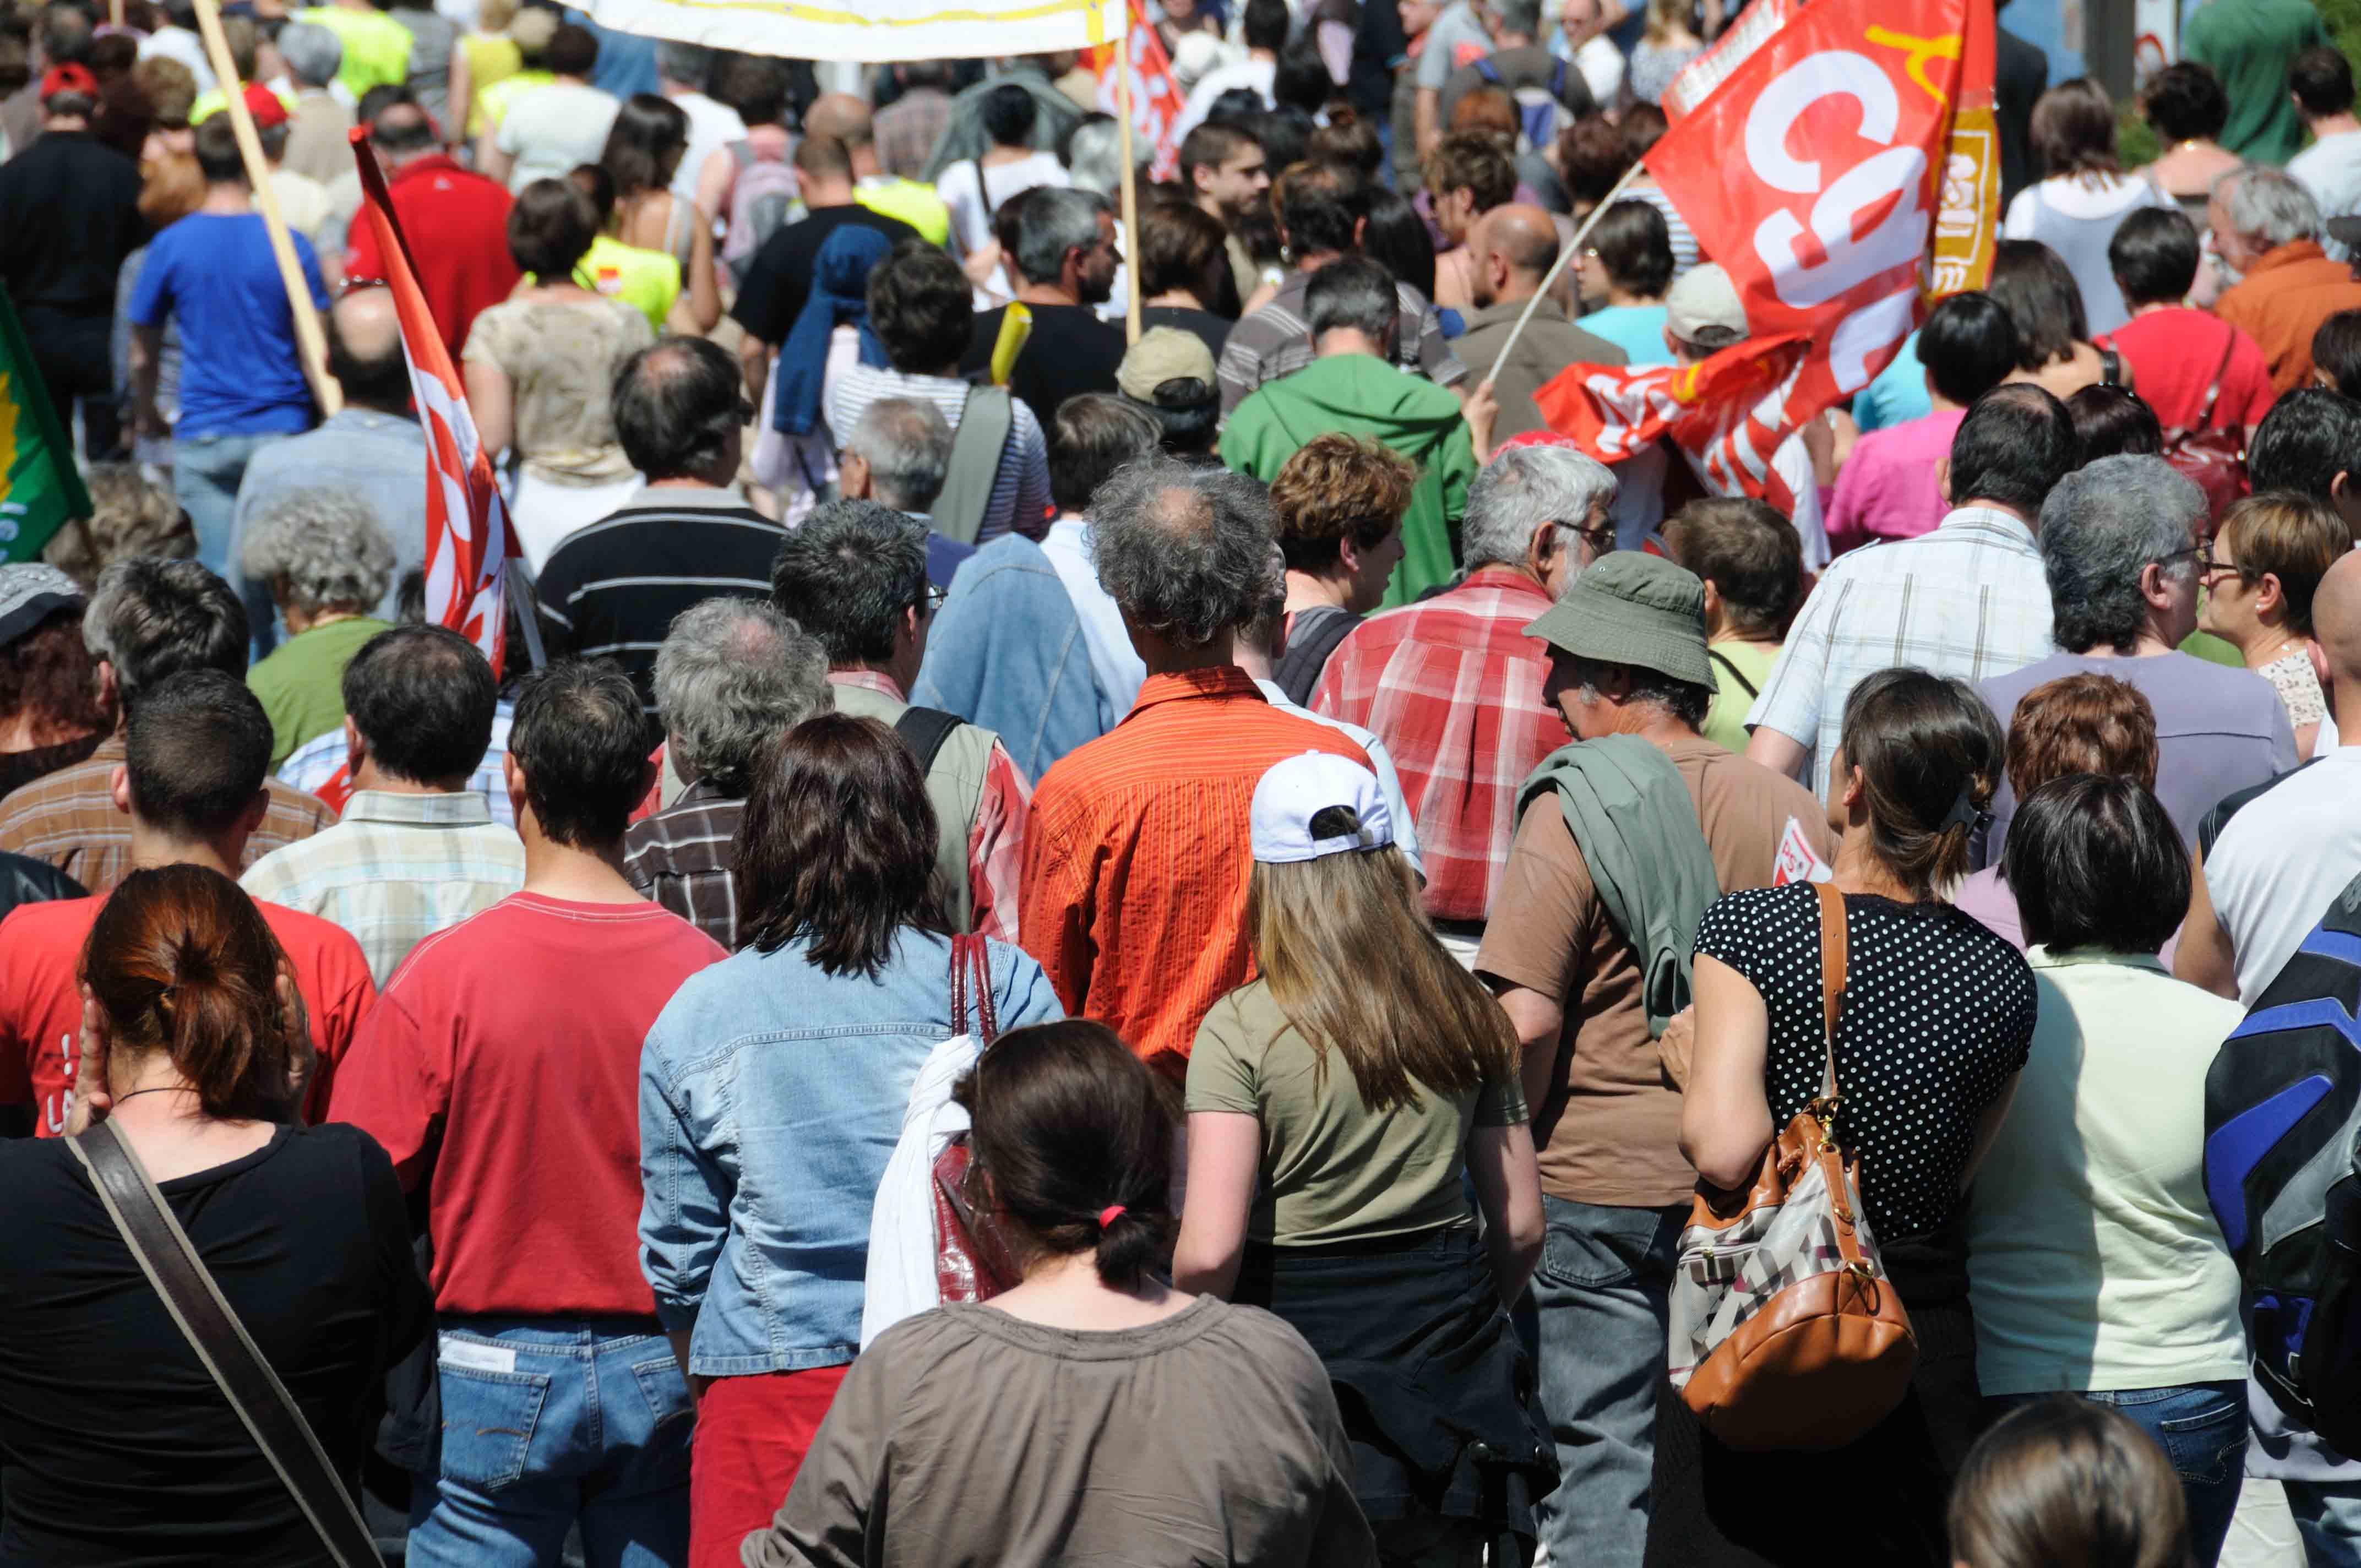 Grèves : Peut-on refuser d'aller travailler si il n'y a pas de transports ?